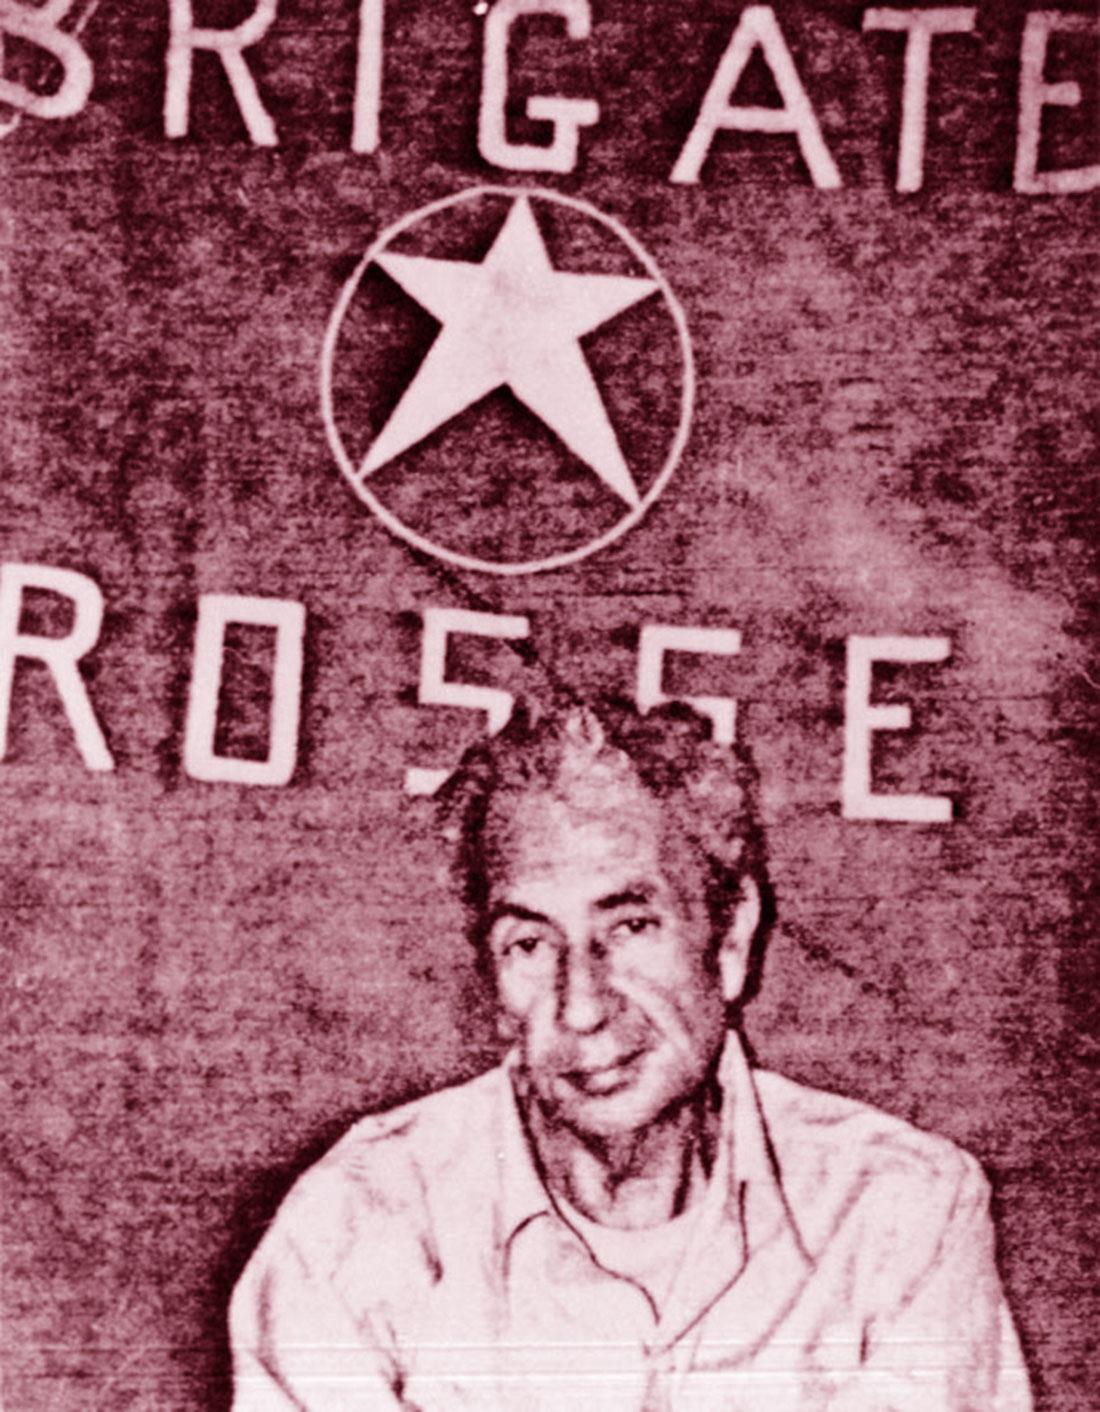 Aldo Moro sequestrato dalle BR (Brigate Rosse)